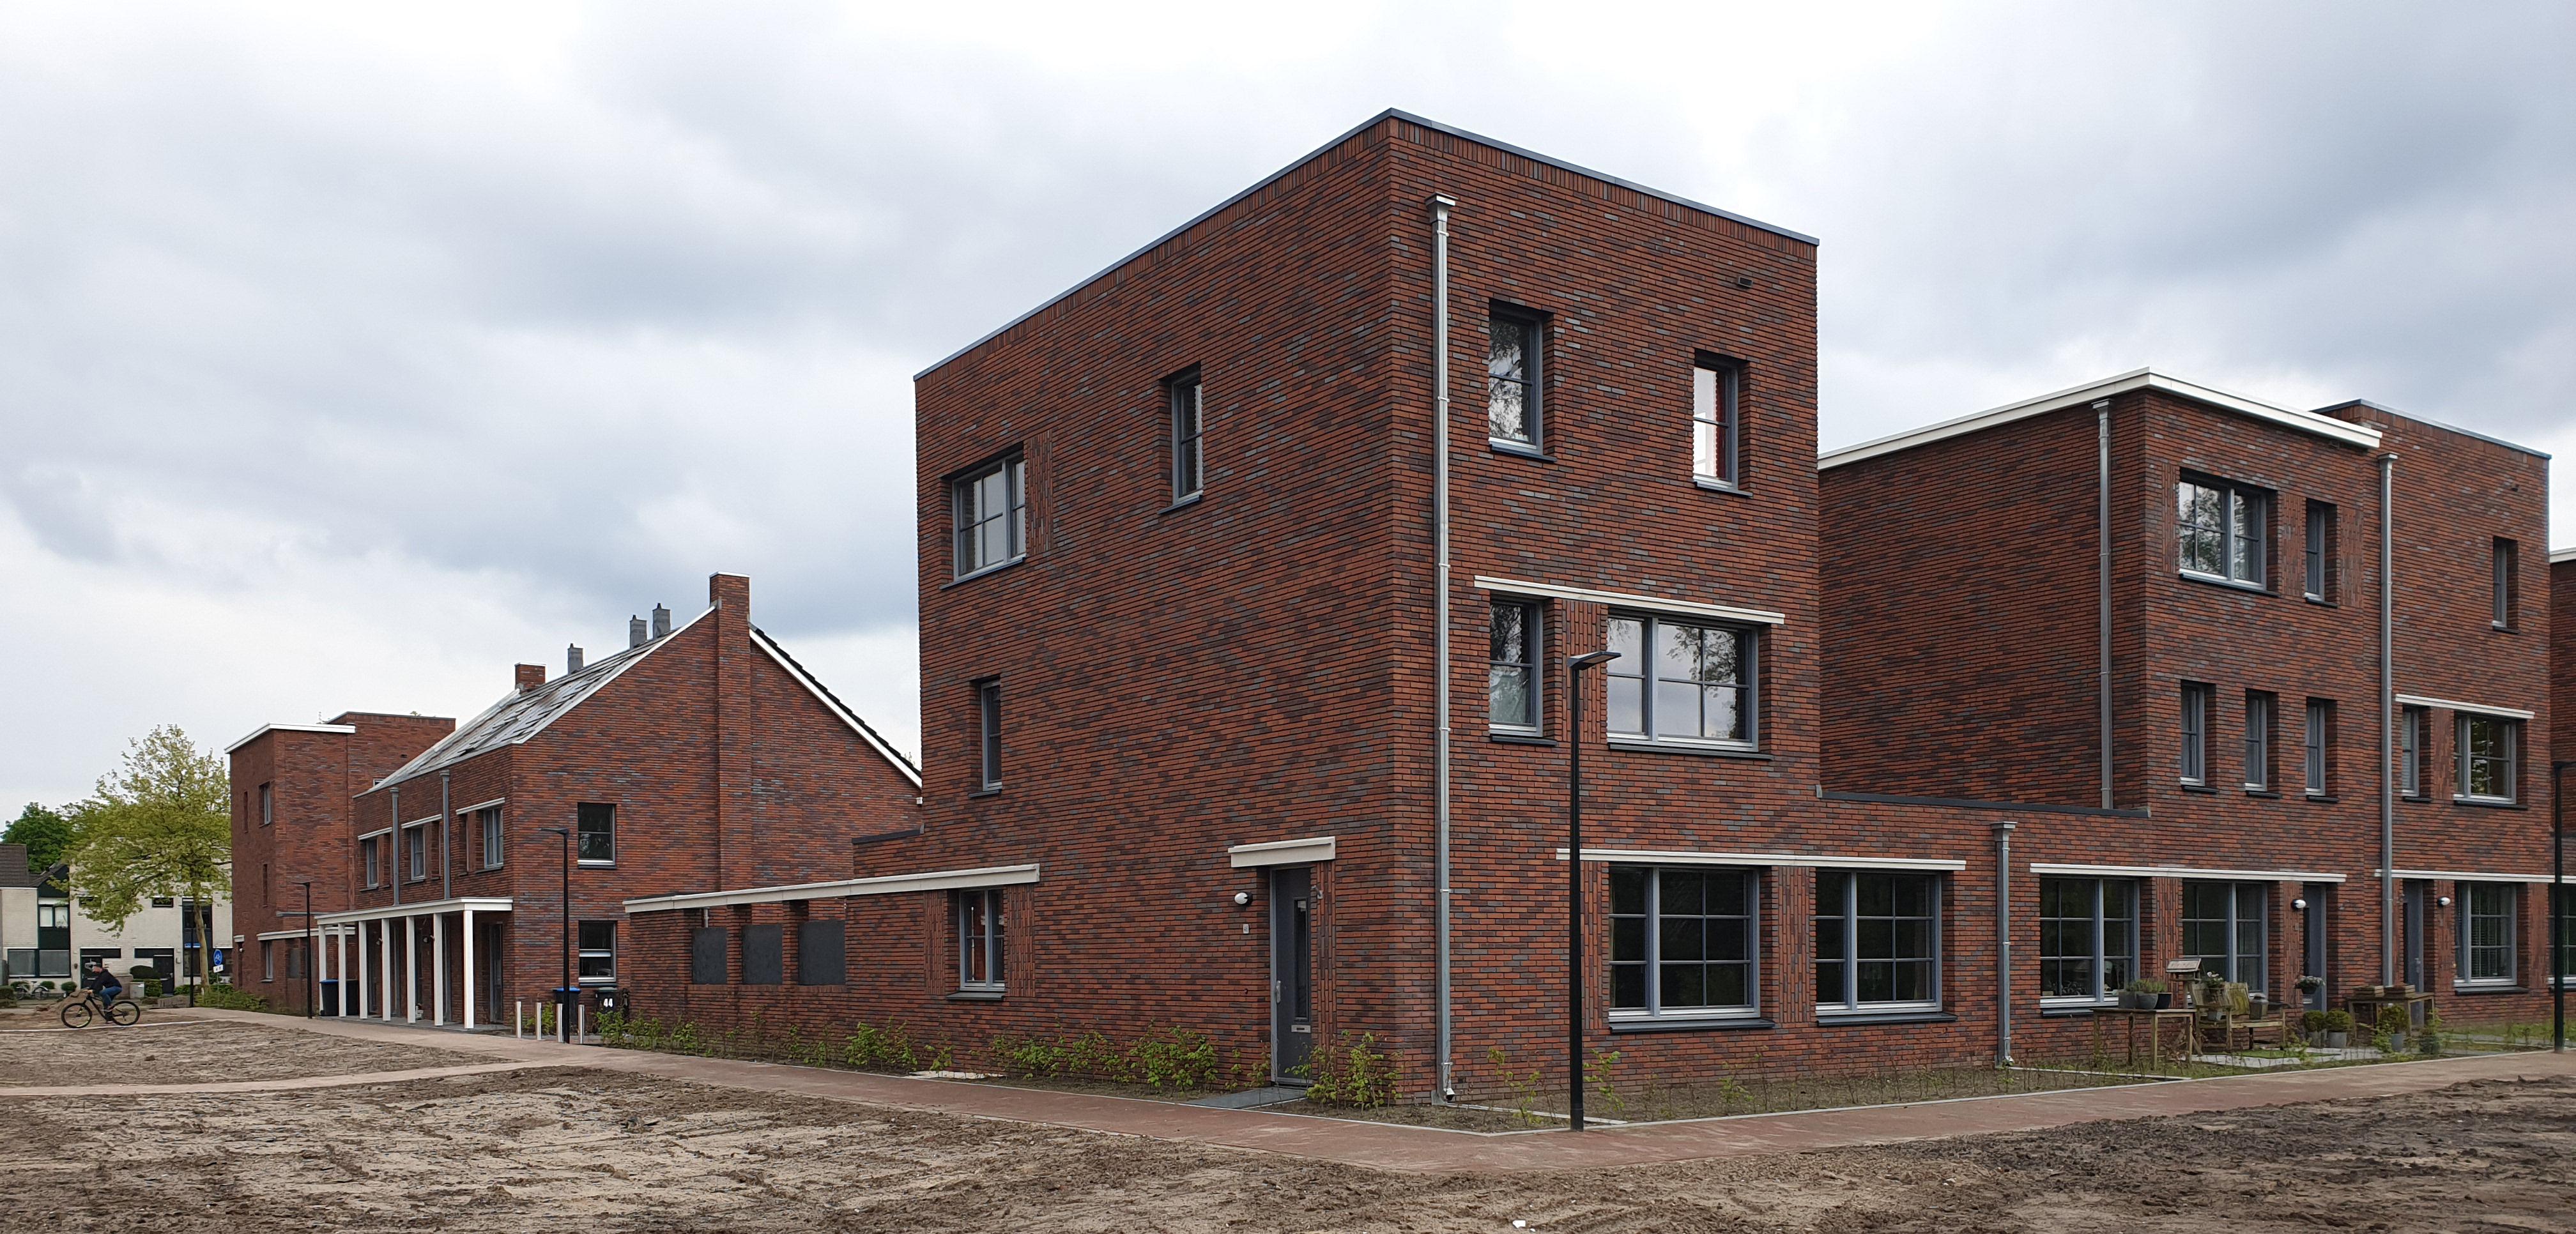 <p>Spartahof Apeldoorn &#8211; MTD landschapsarchitecten / Mulleners+Mulleners</p>